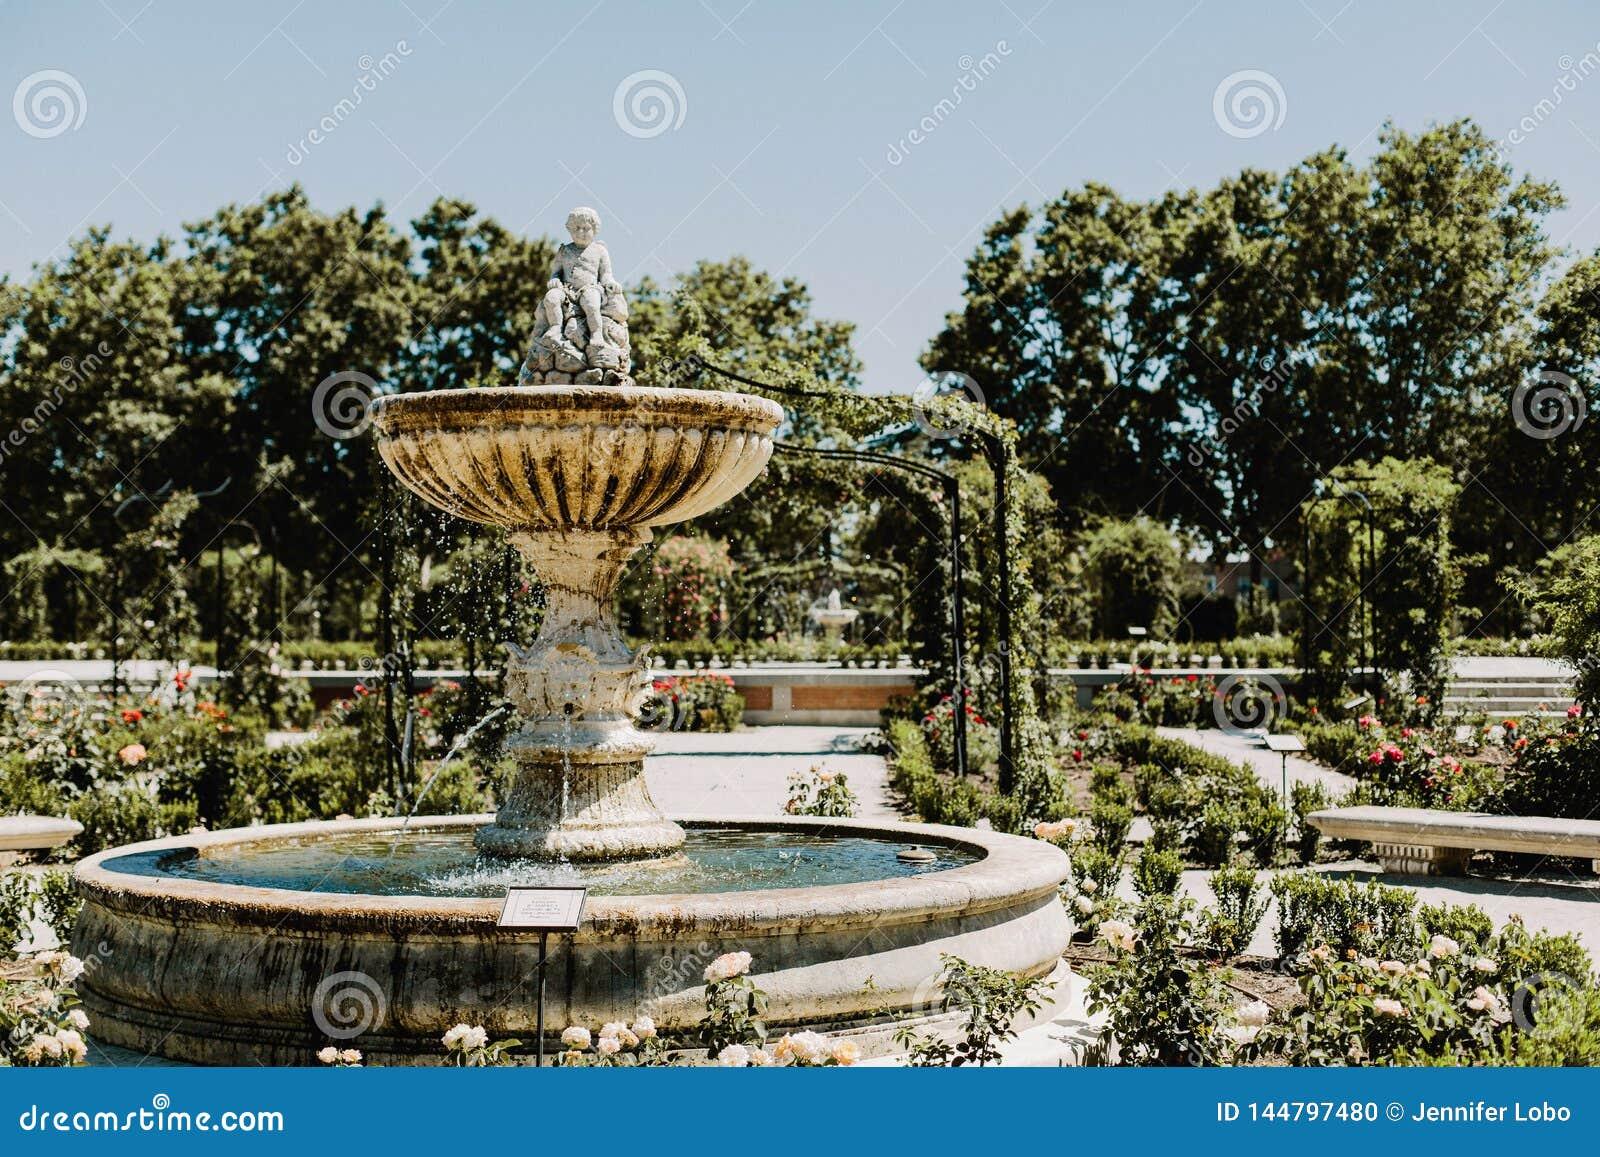 Parque del Buen Retiro no Madri, Espanha